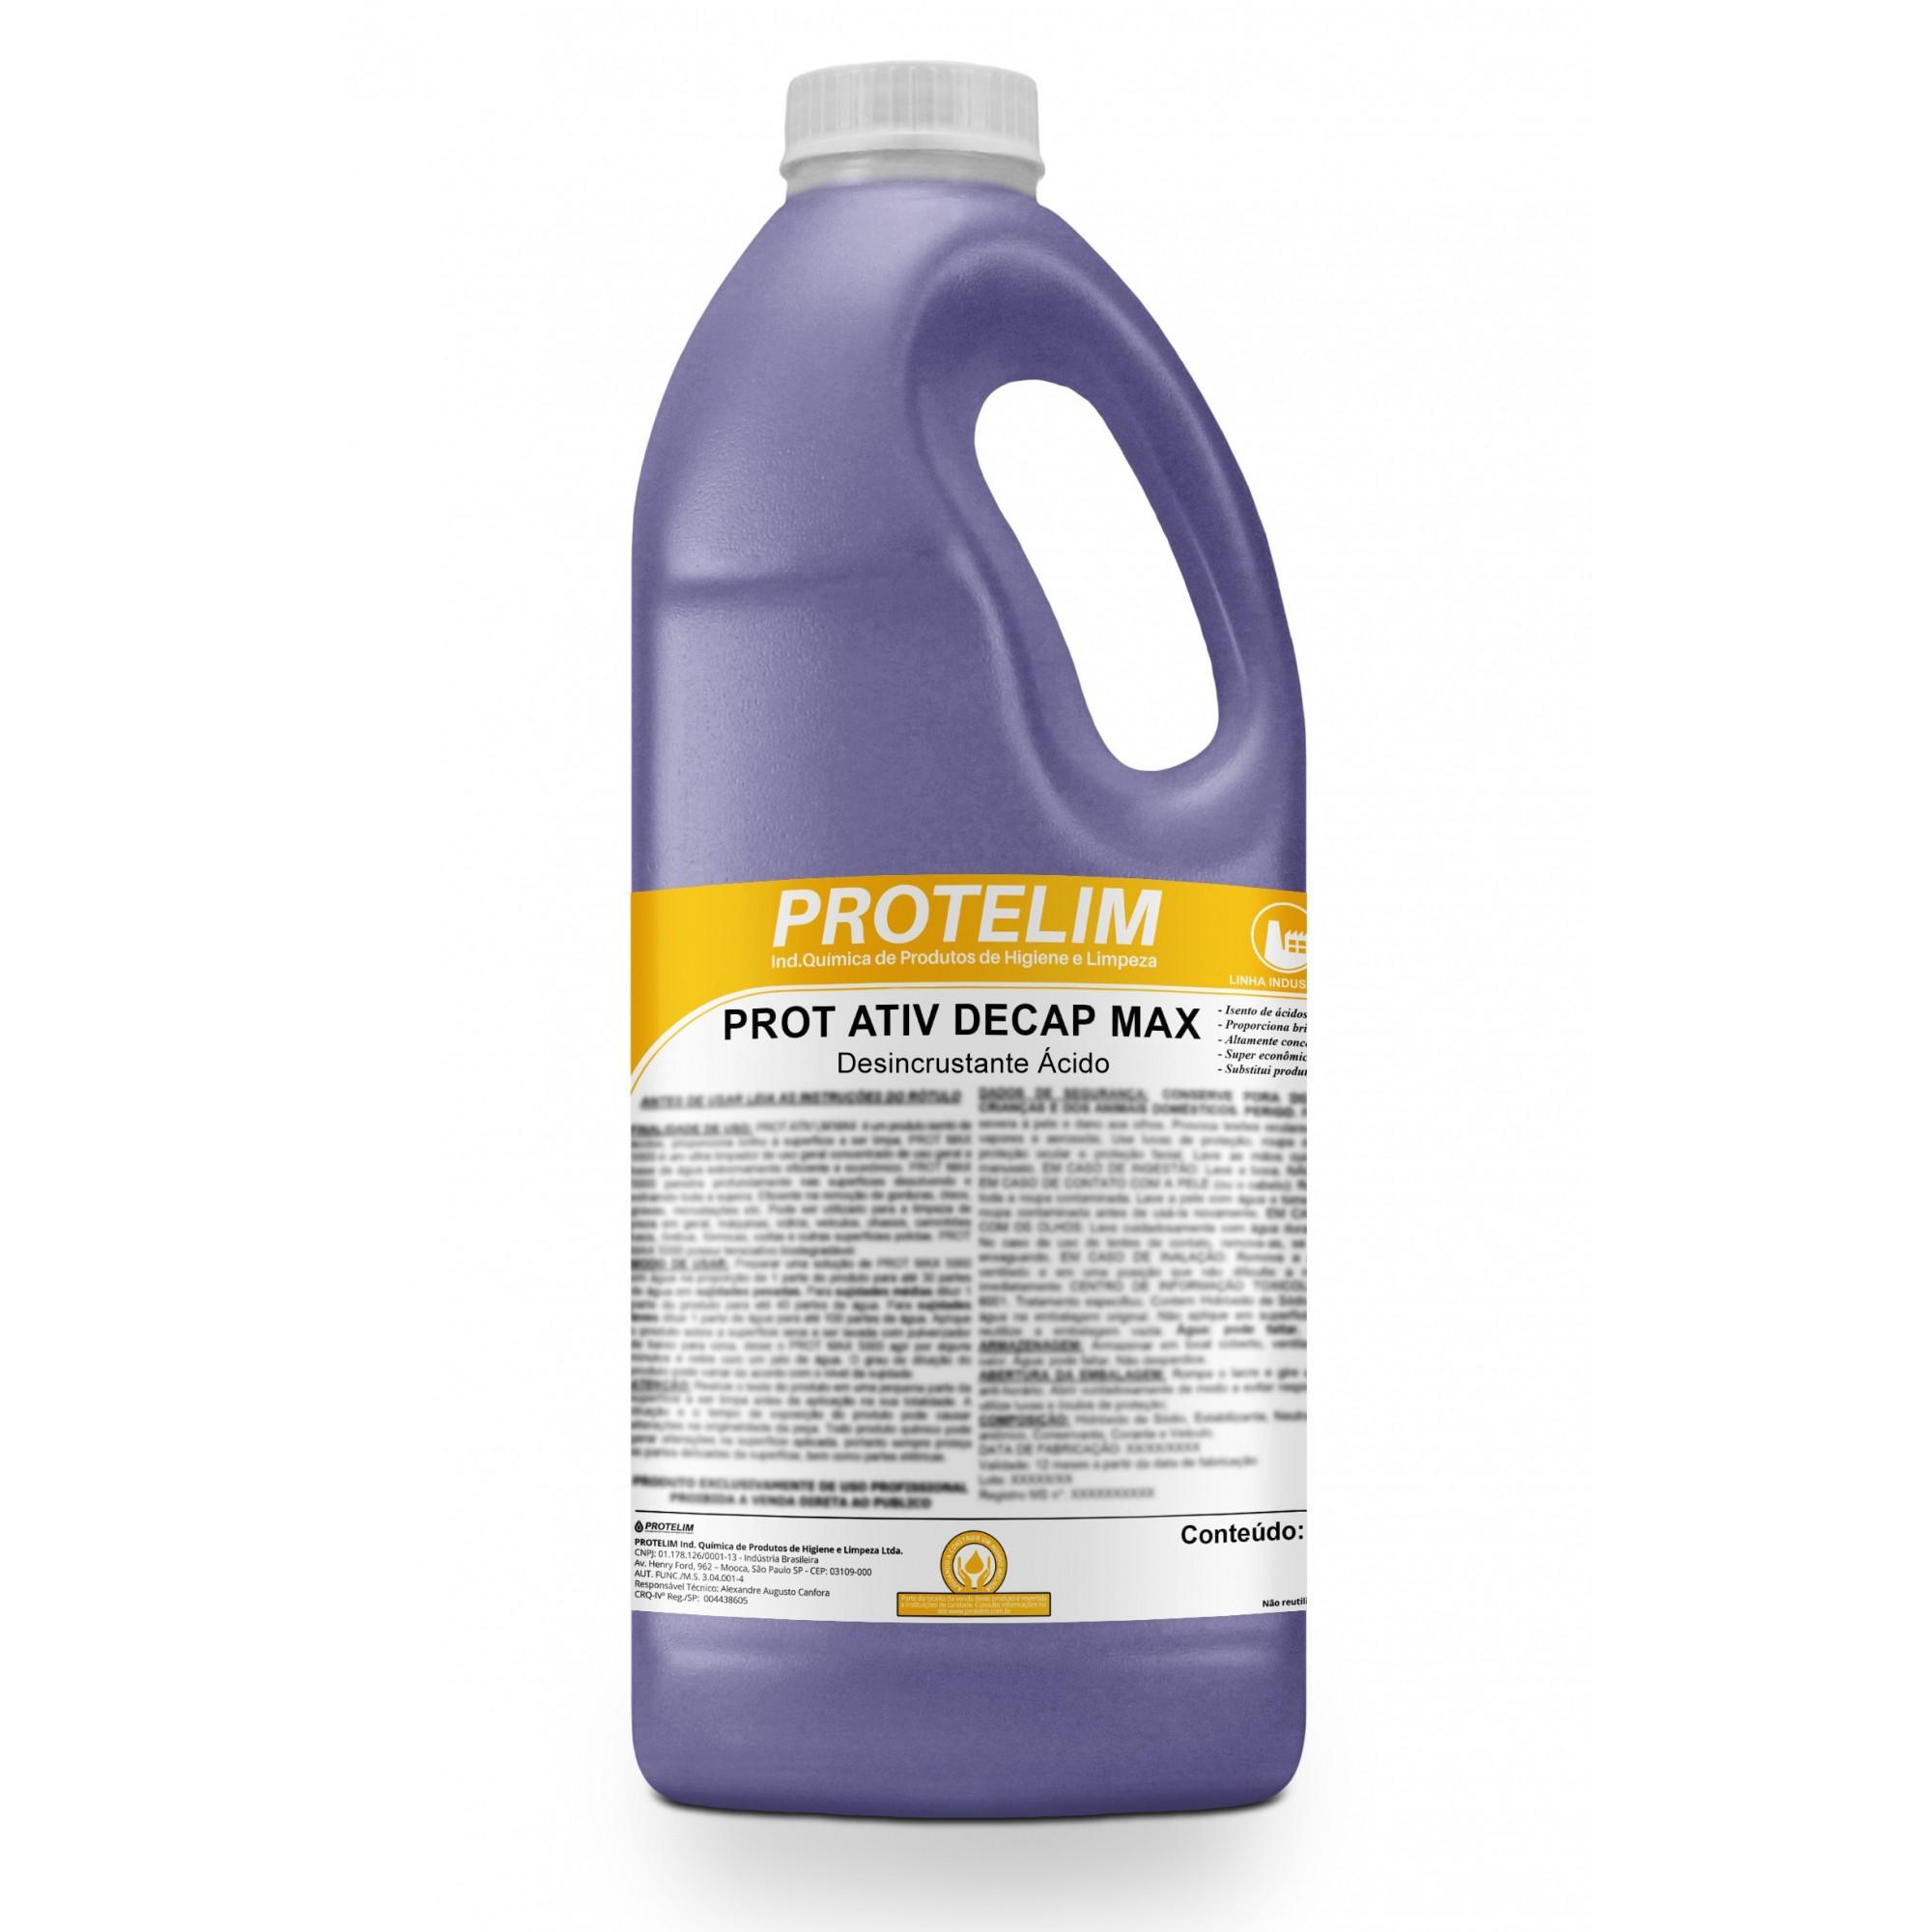 Prot Ativ Decap Max Desincrustante 2L - Protelim